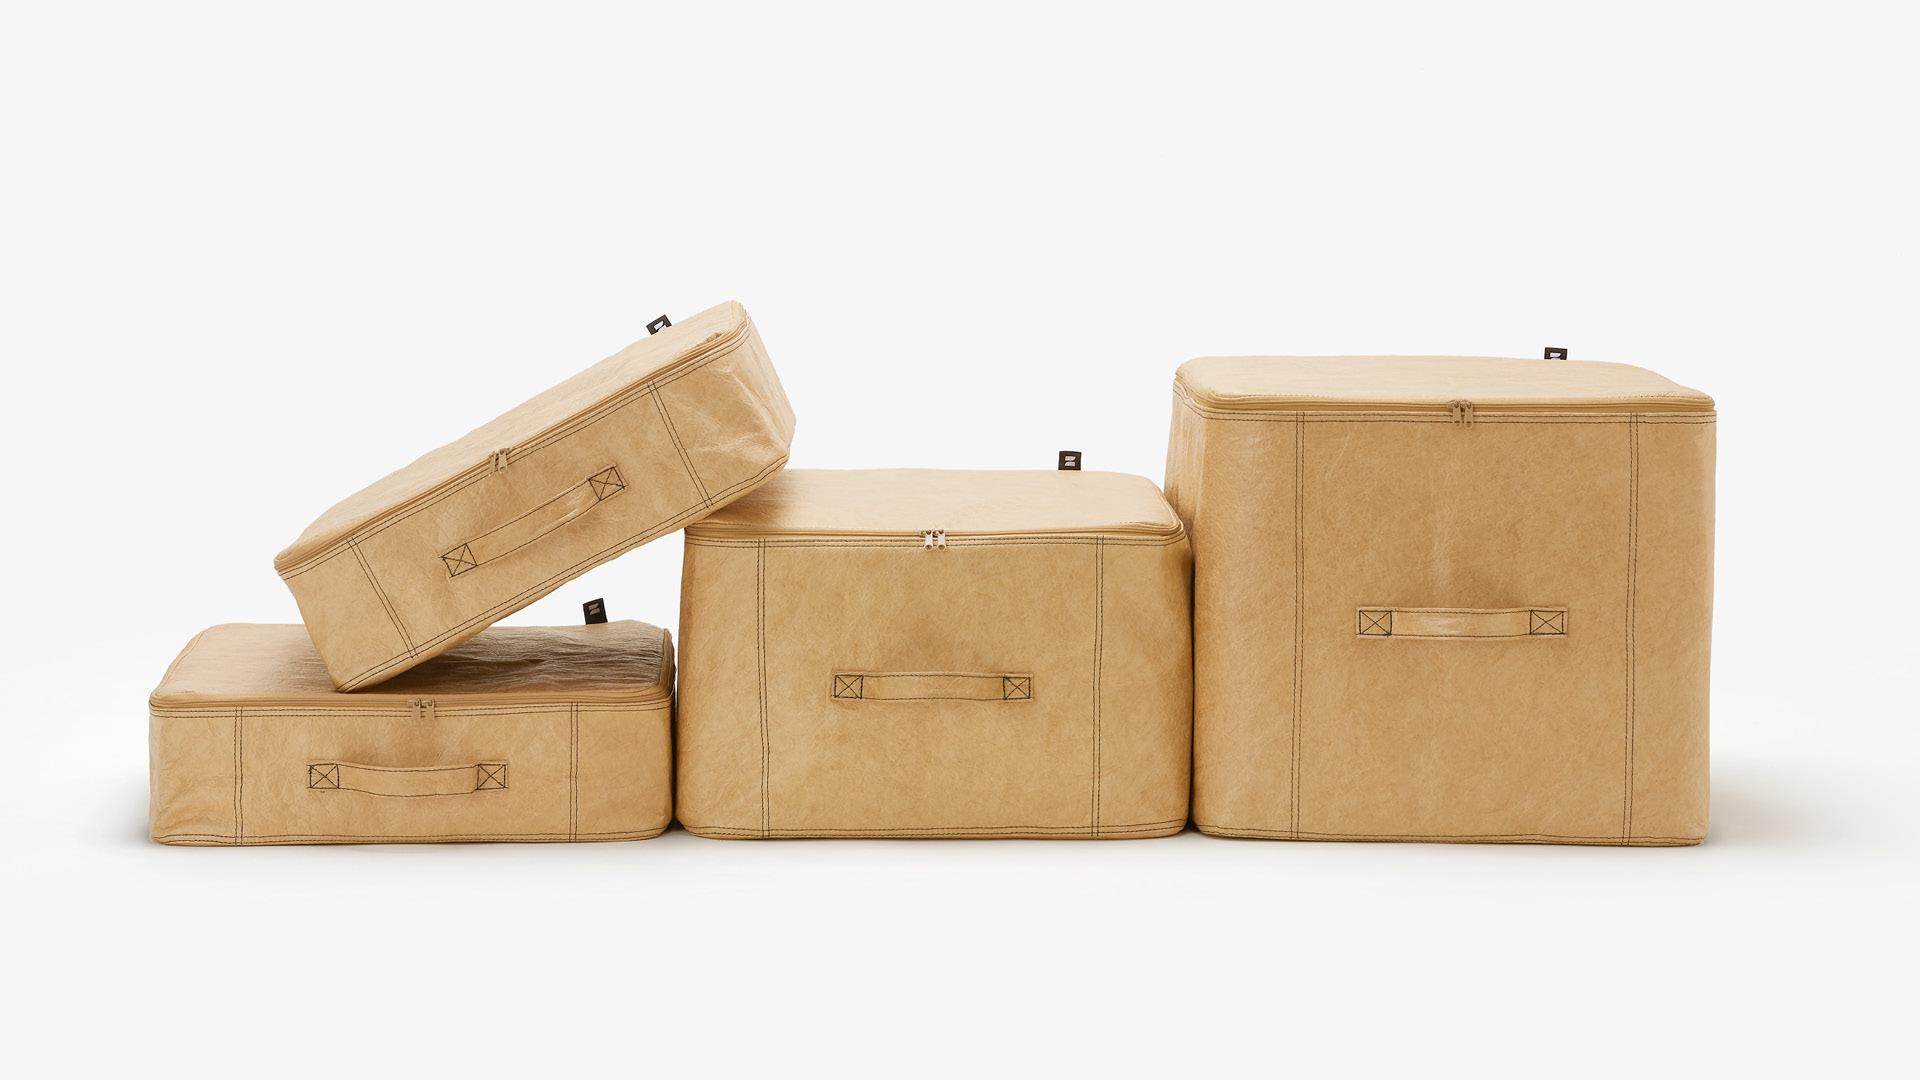 全家零碎小物<br/>从轻巧可叠,灵活移动的软箱开始